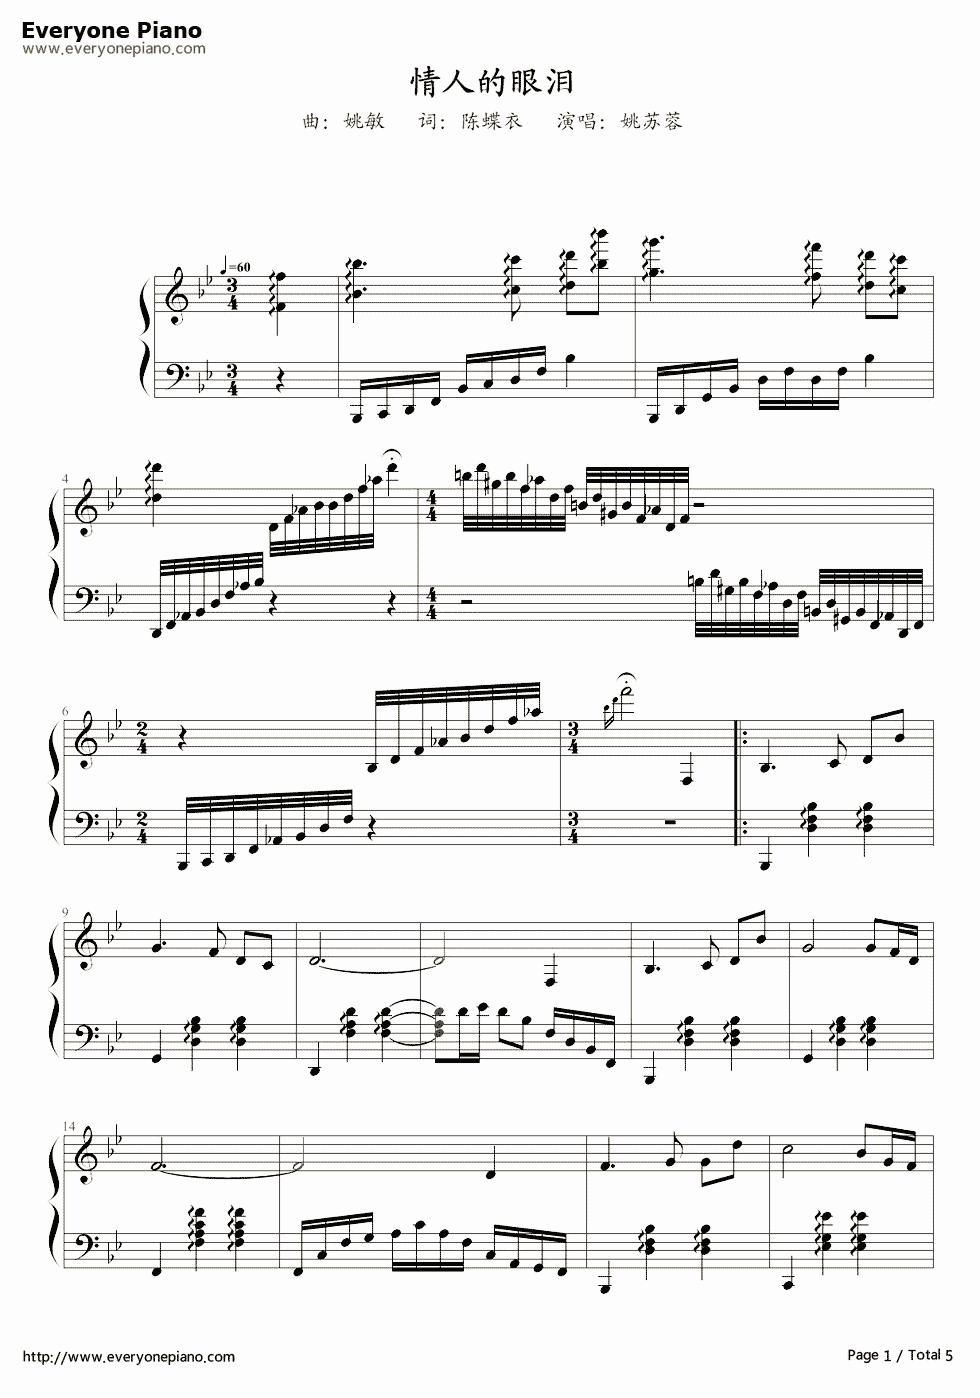 眼泪的钢琴简谱